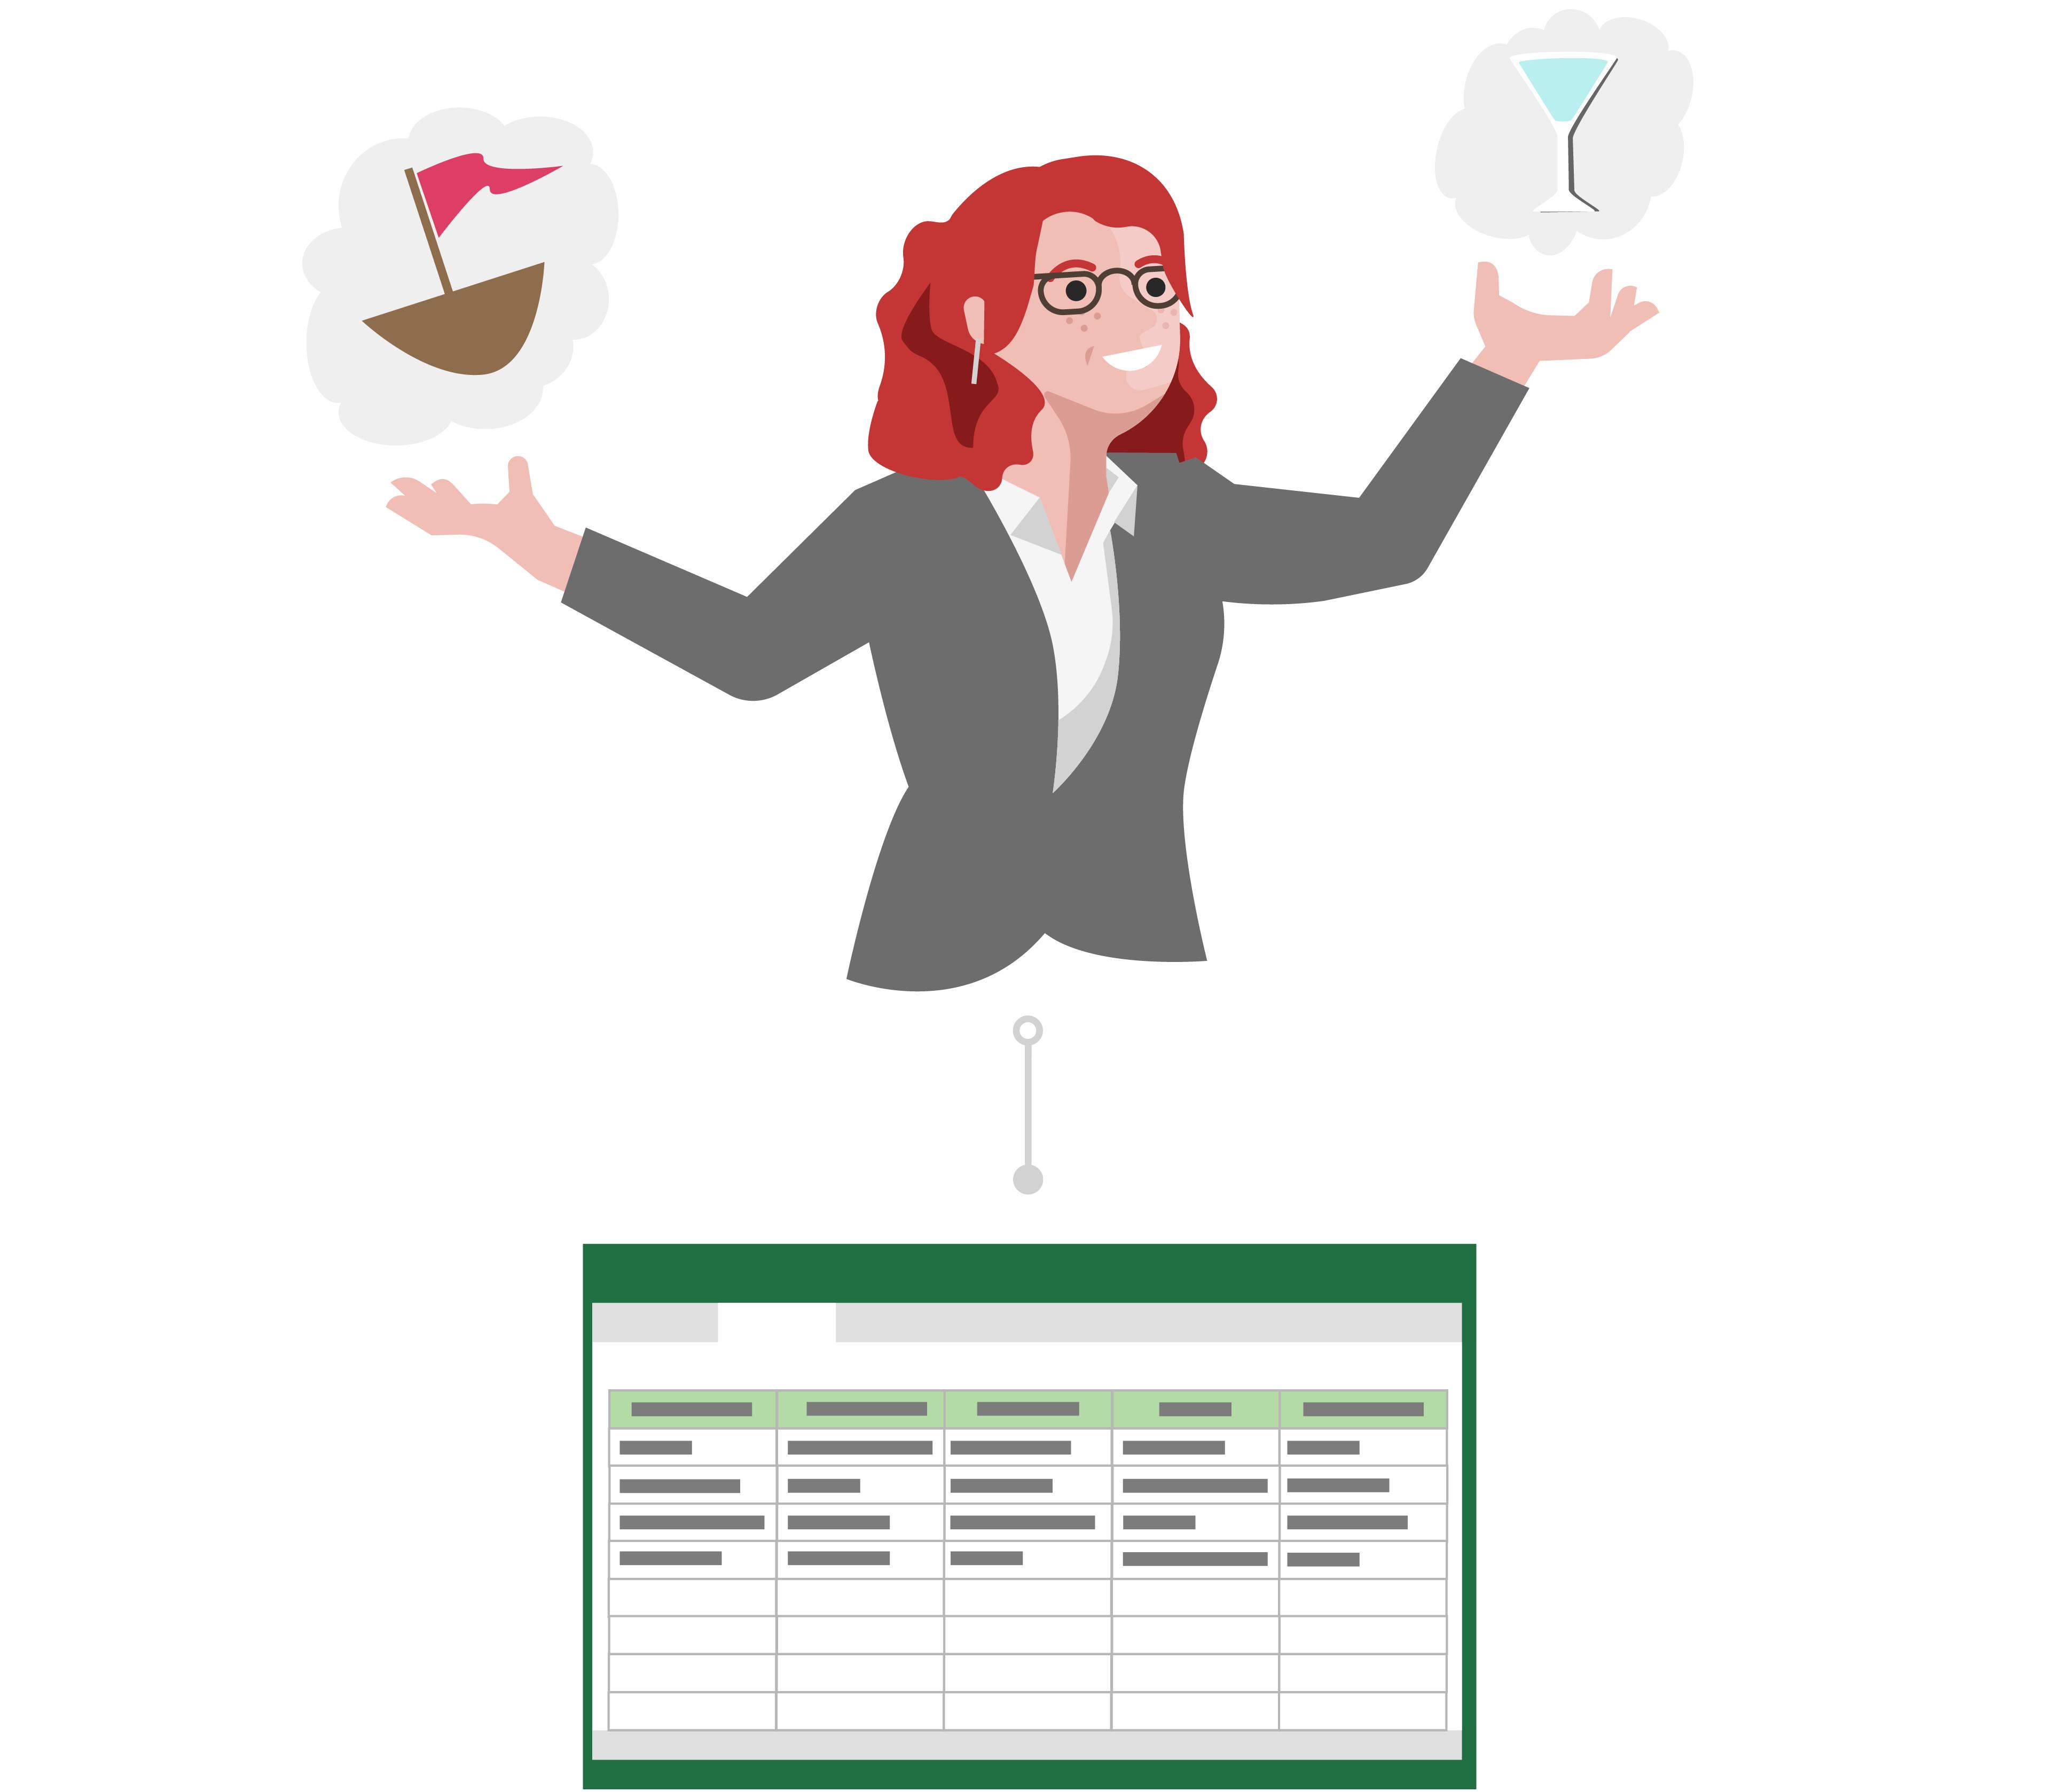 Линда има нужда от обратна връзка за идеите си, за да създаде електронна таблица и да се запише в облака.